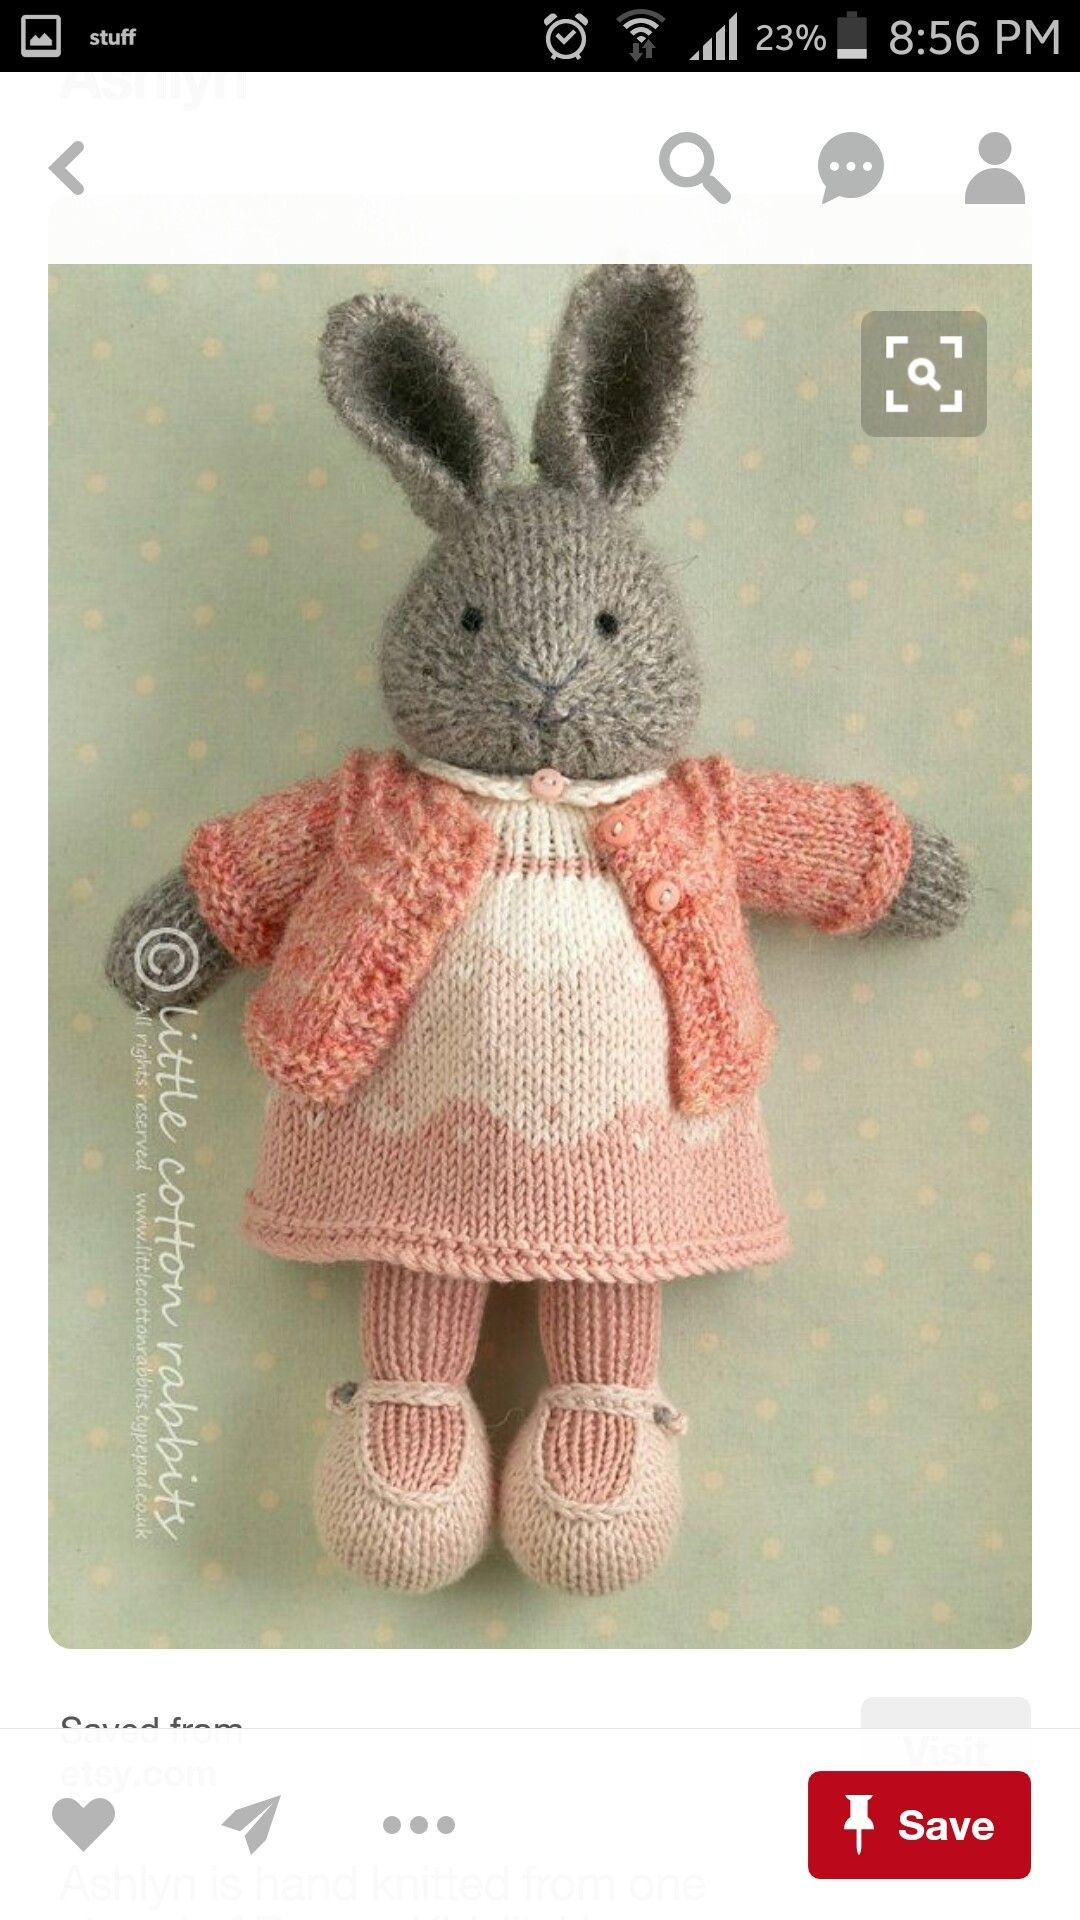 Pin von Laurie Terpstra auf Bunny Knits | Pinterest | Babydecken ...